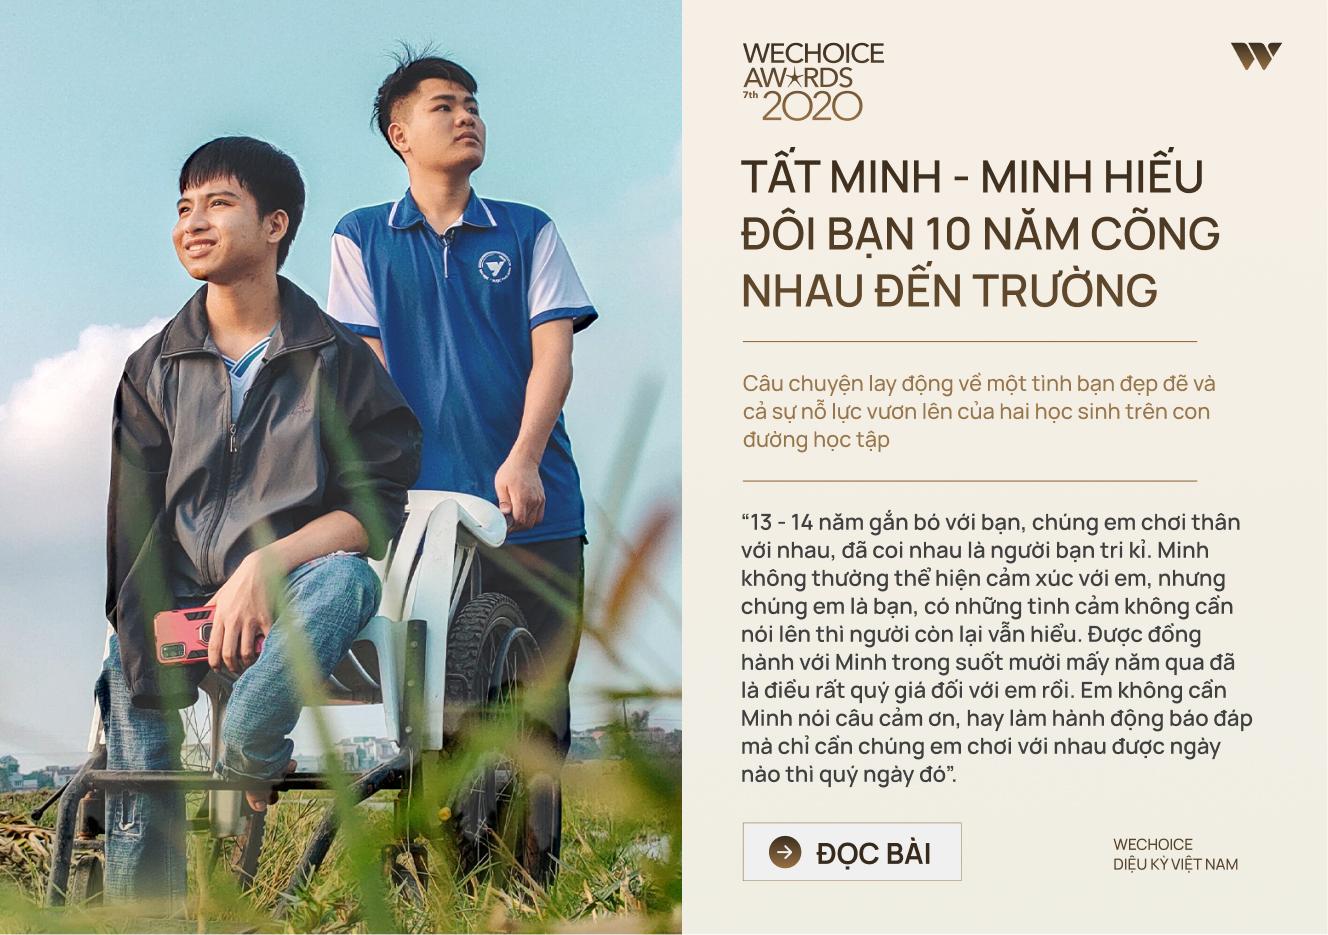 20 đề cử nhân vật truyền cảm hứng của WeChoice Awards 2020: Những câu chuyện tạo nên Diệu kỳ Việt Nam - Ảnh 10.